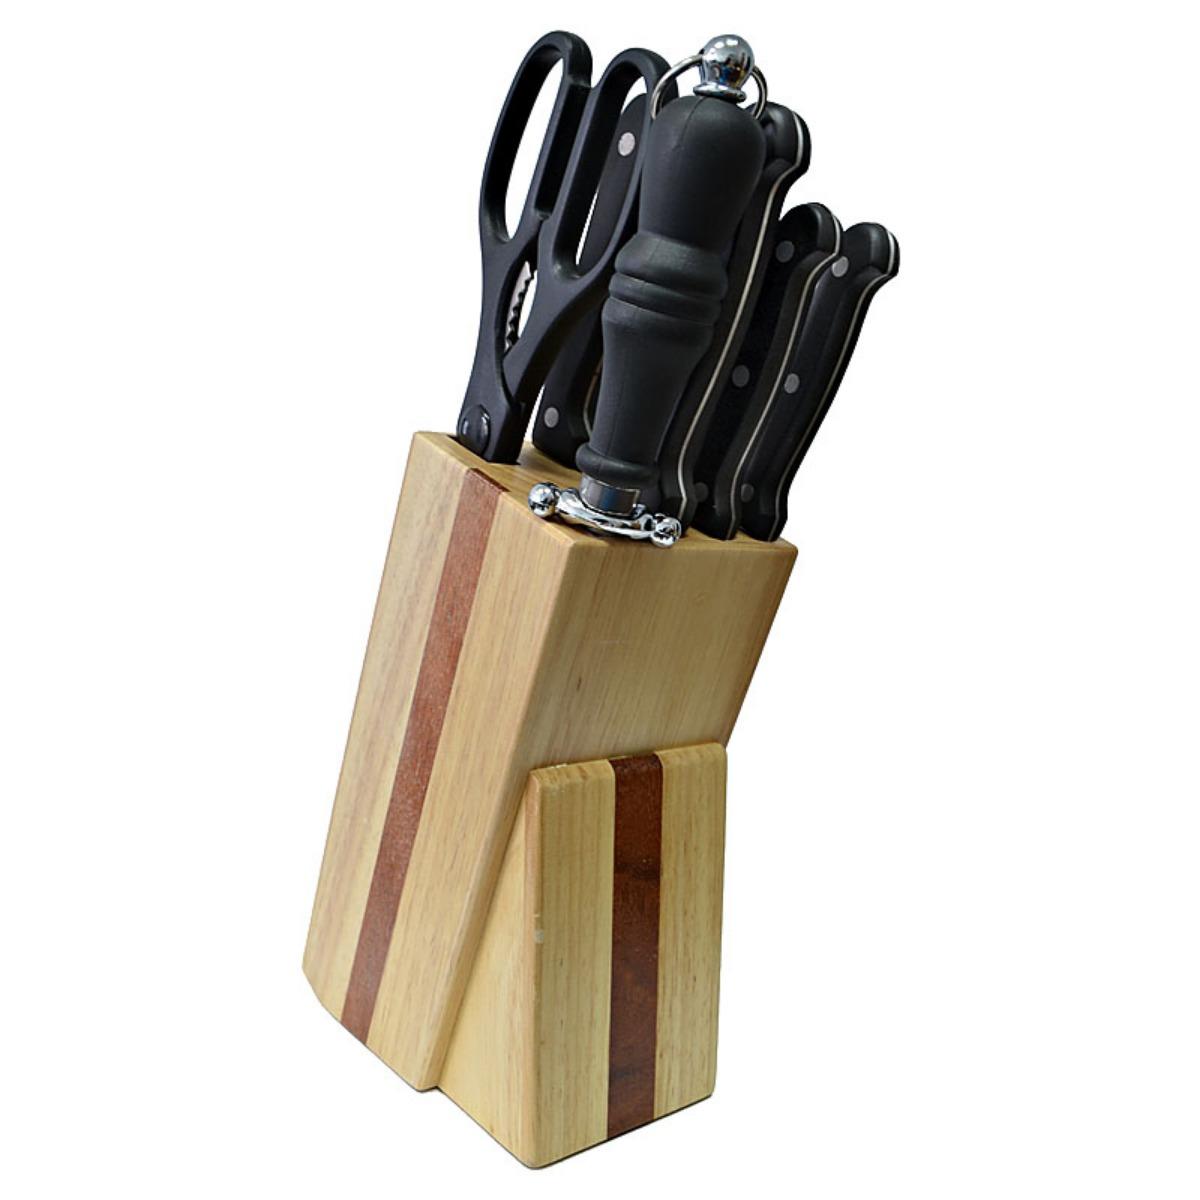 Кухонный набор Marvel Classic Series, цвет: серый, 8 предметов68/5/4Кухонный набор Marvel Classic Series состоит из пяти ножей (поварского, хлебного, разделочного, универсального, для очистки), мусата и кухонных ножниц. Лезвия ножей и ножниц выполнены из высоколегированной углеродистой стали, устойчивой к деформации и коррозии, а рукоятки – из прочного пластика. Лезвия ножей и ножниц надолго сохранят свою заводскую заточку. Все предметы из набора располагаются на компактной деревянной подставке. Практичный и удобный набор ножей найдет свое место на каждой кухне.